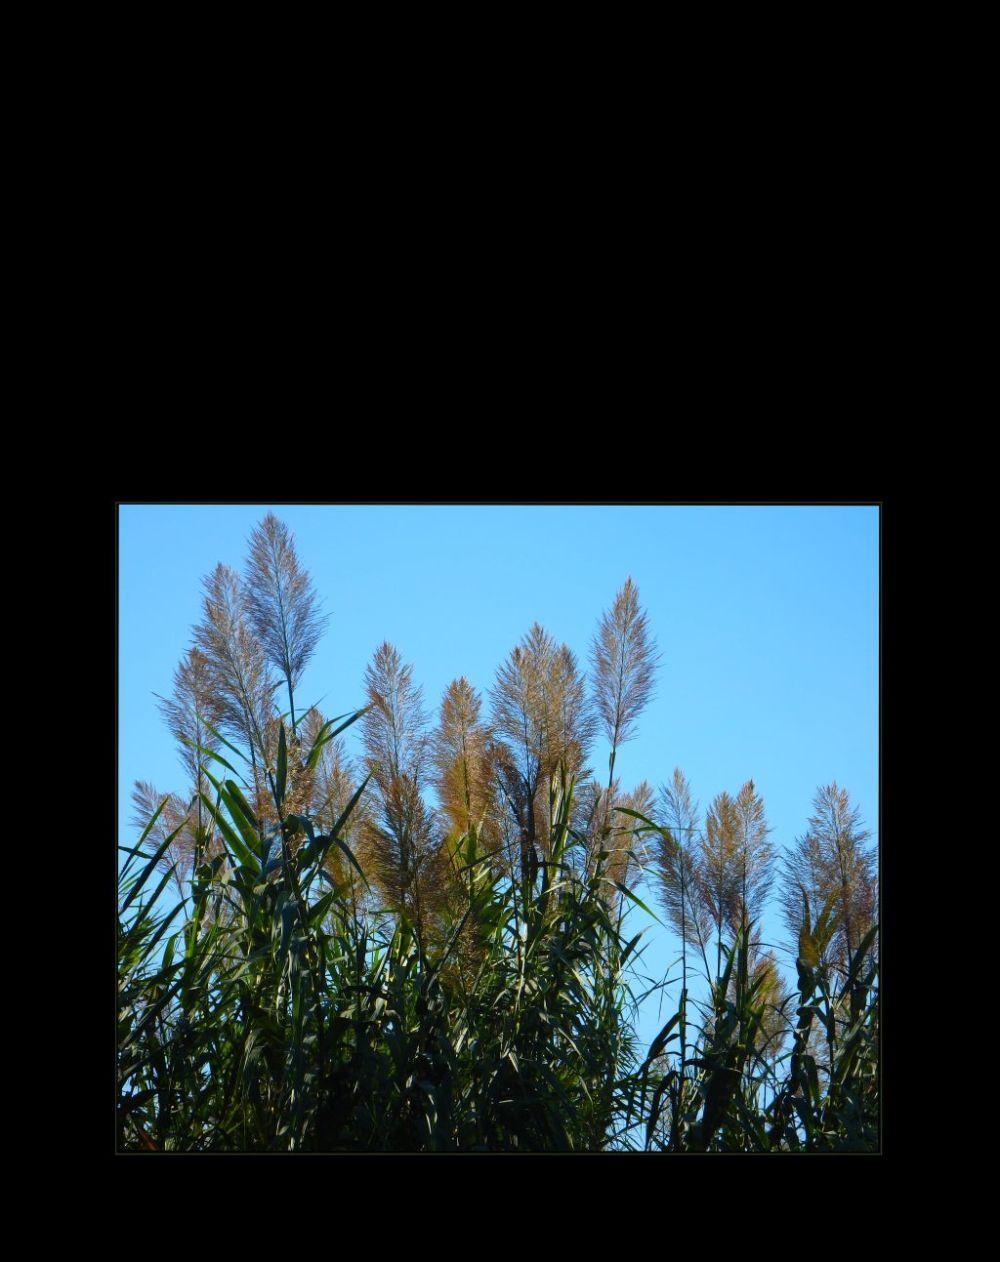 Susuki - Japanese Pampas Grass.